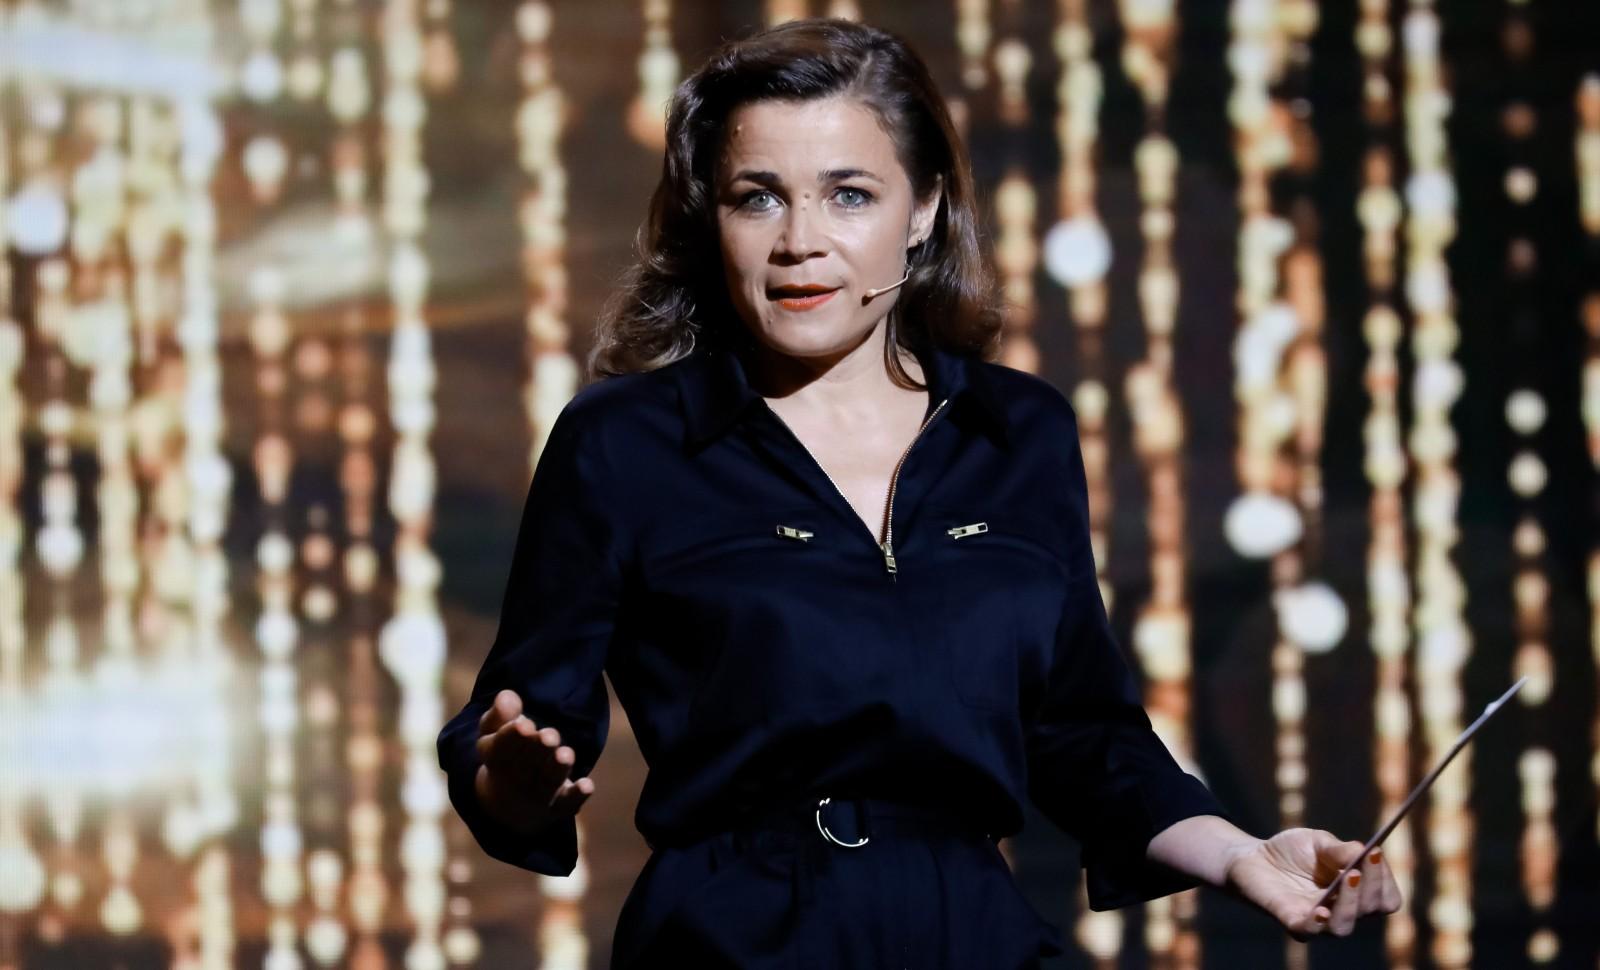 Blanche Gardin à la 30ème cérémonie des Molières le 28 mai 2018 à la salle Pleyel à Paris. © Romuald MEIGNEUX/ SIPA